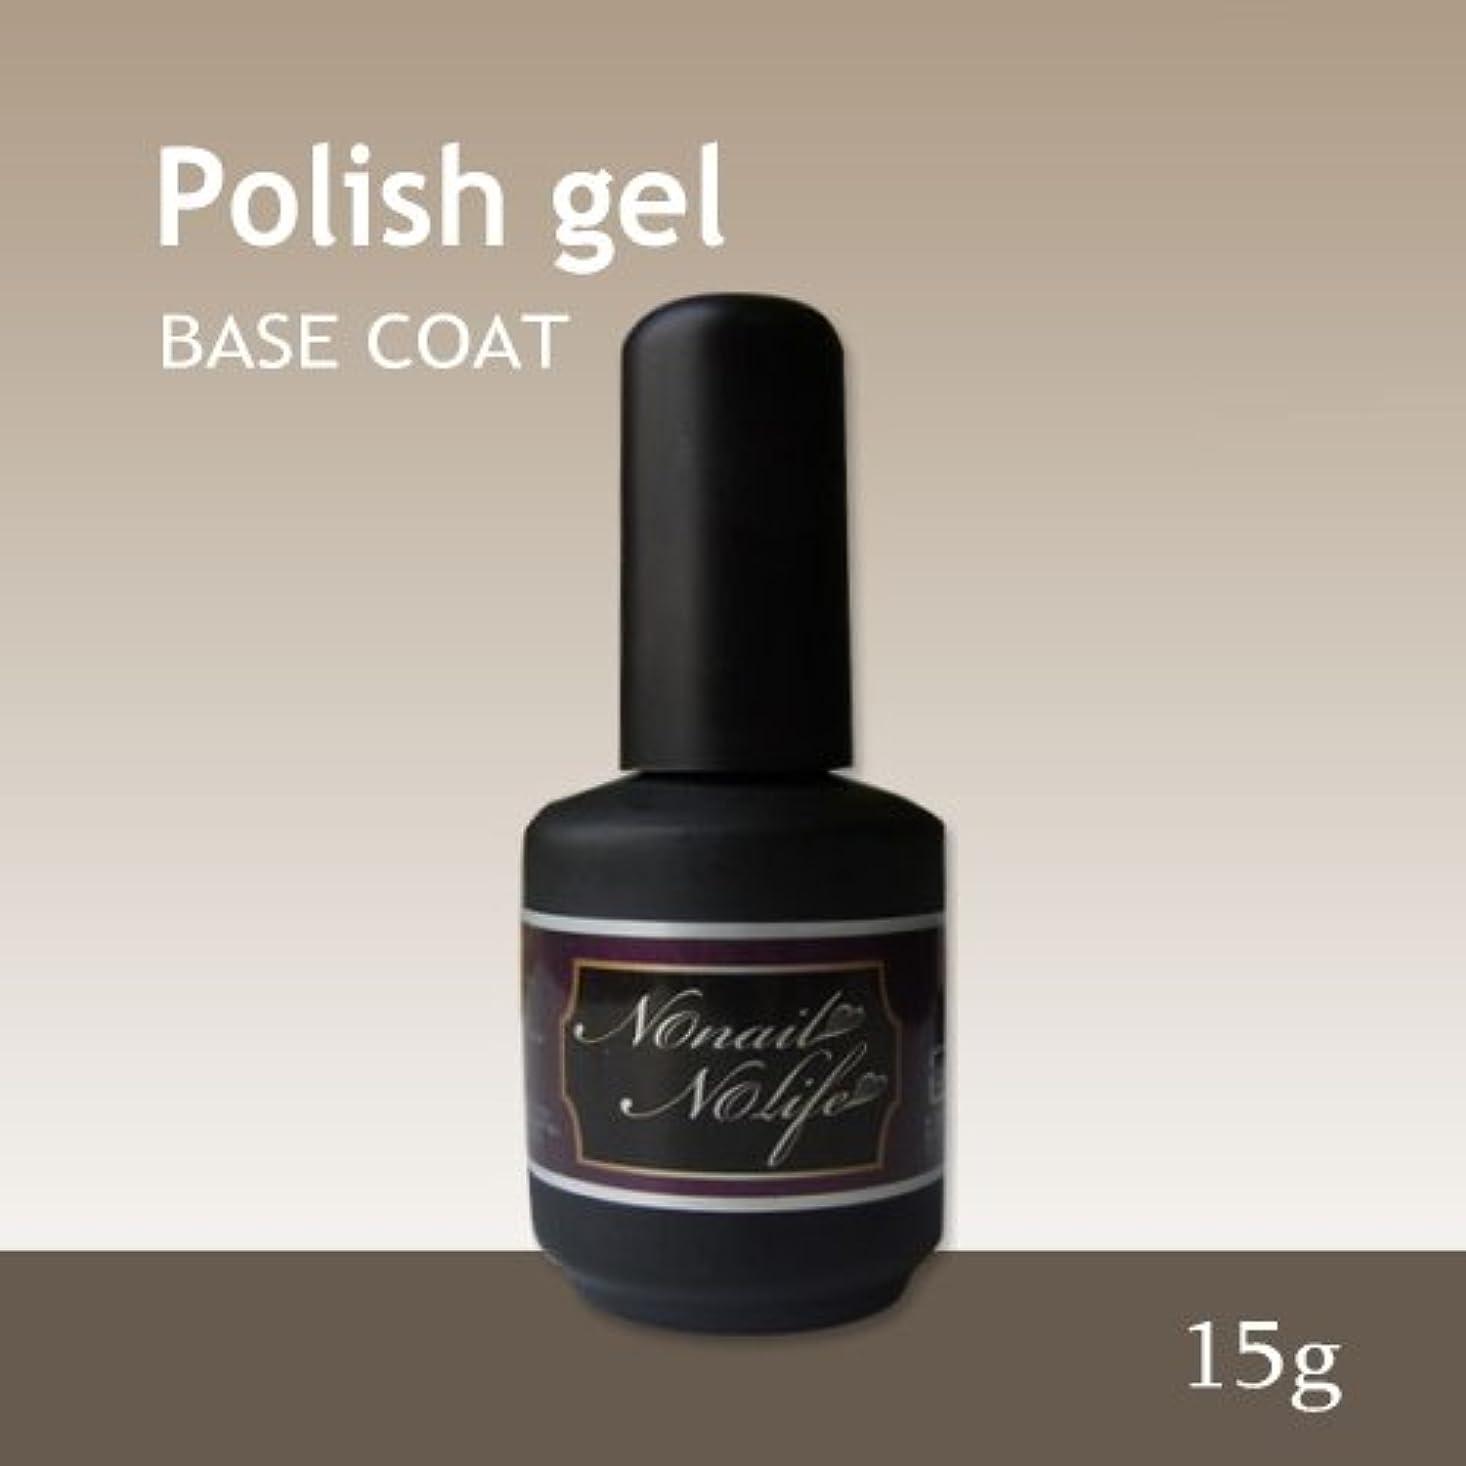 マイルド泣く突然のジェルネイル《サンディング不要のベースコート》Natural Polish ポリッシュベースジェル(15g)